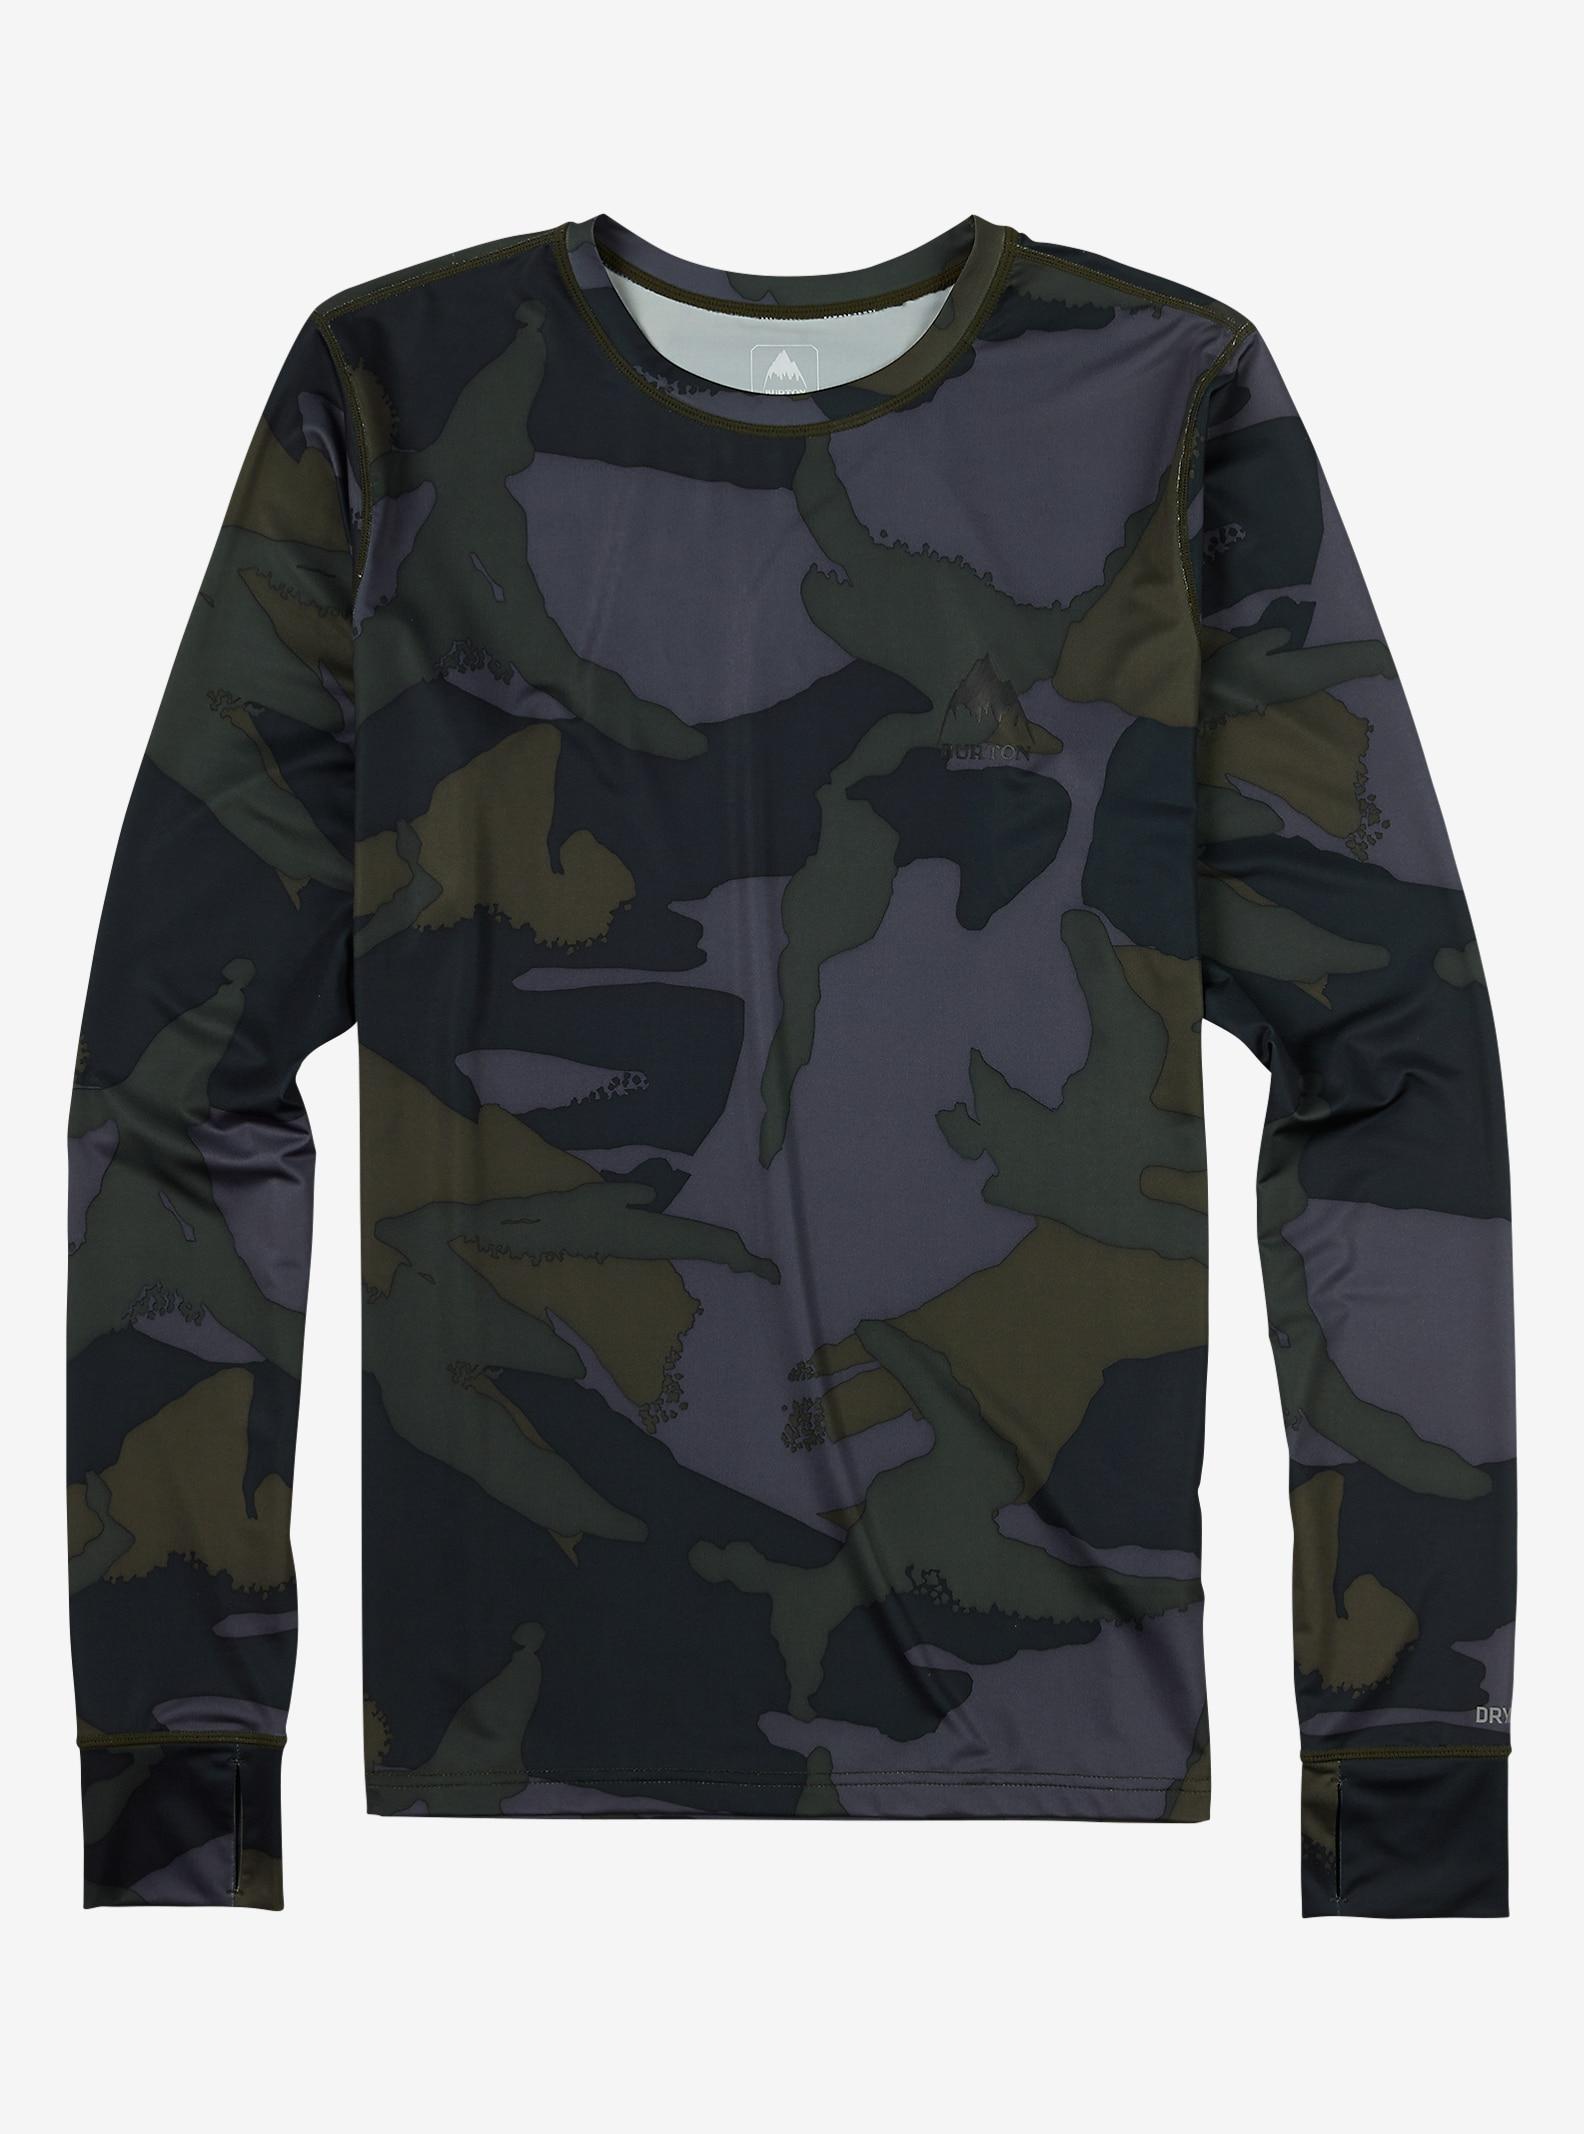 Burton Funktionswäsche Leichtes Hemd mit Rundhalsausschnitt angezeigt in Beetle Derby Camo